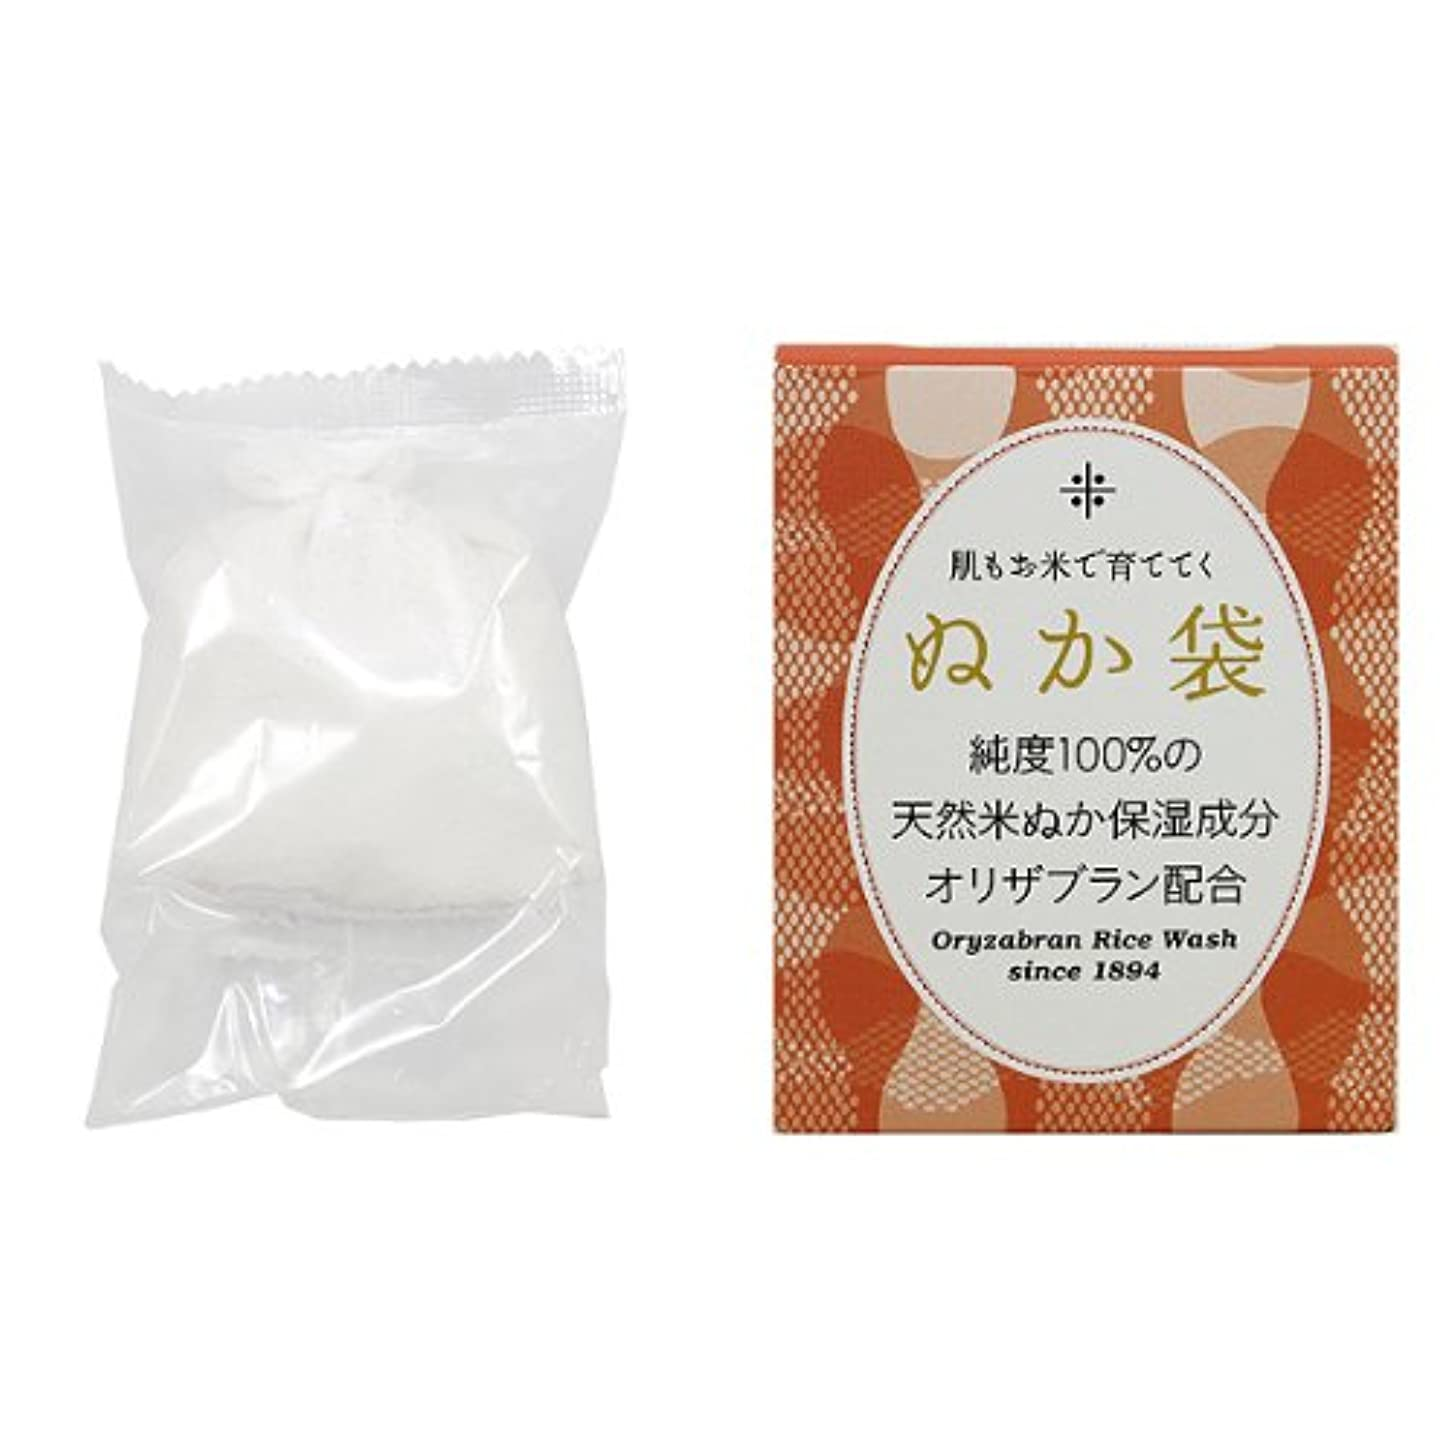 提供された傷跡けん引リアル オリザ オリザブラン ライスウォッシュK (ぬか袋タイプ)50g